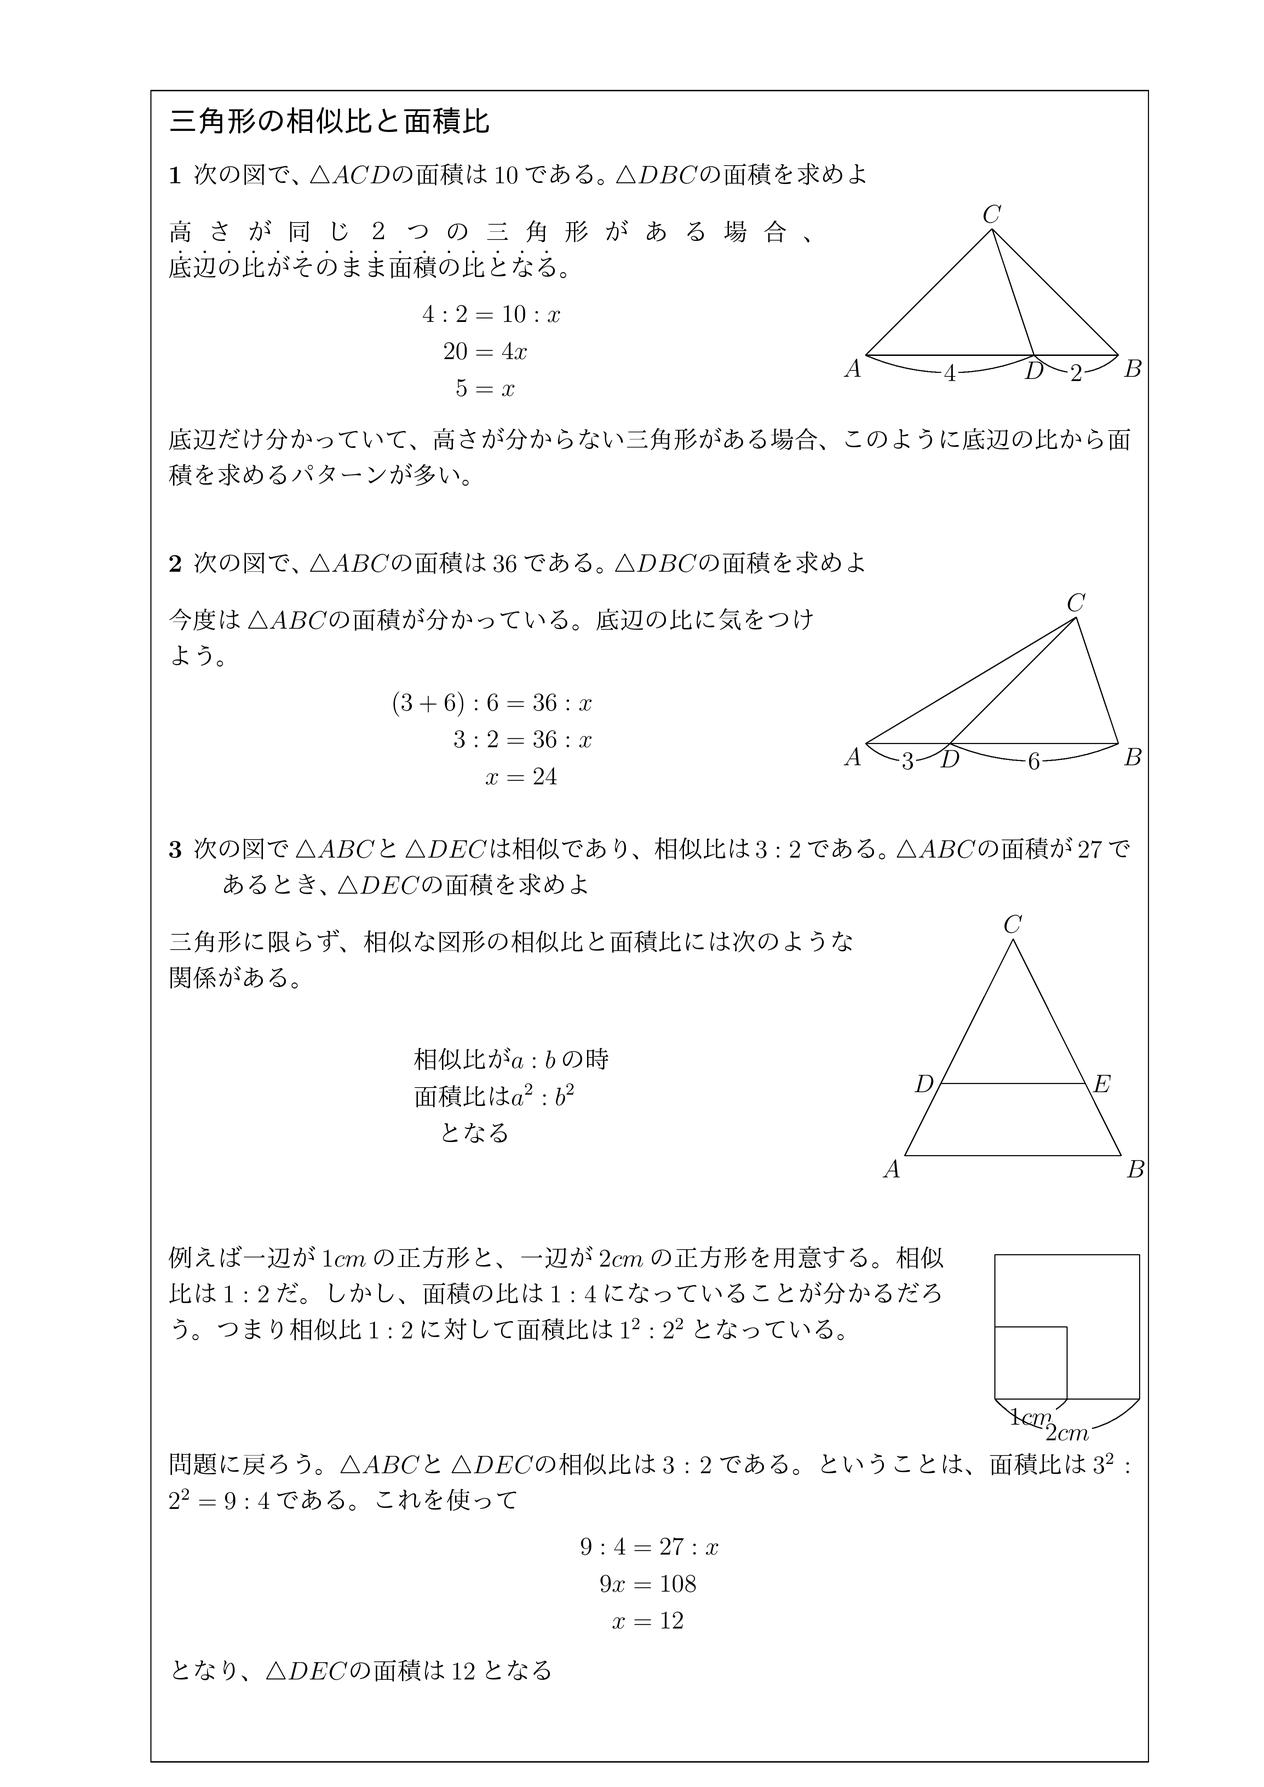 三角形の面積比と相似比